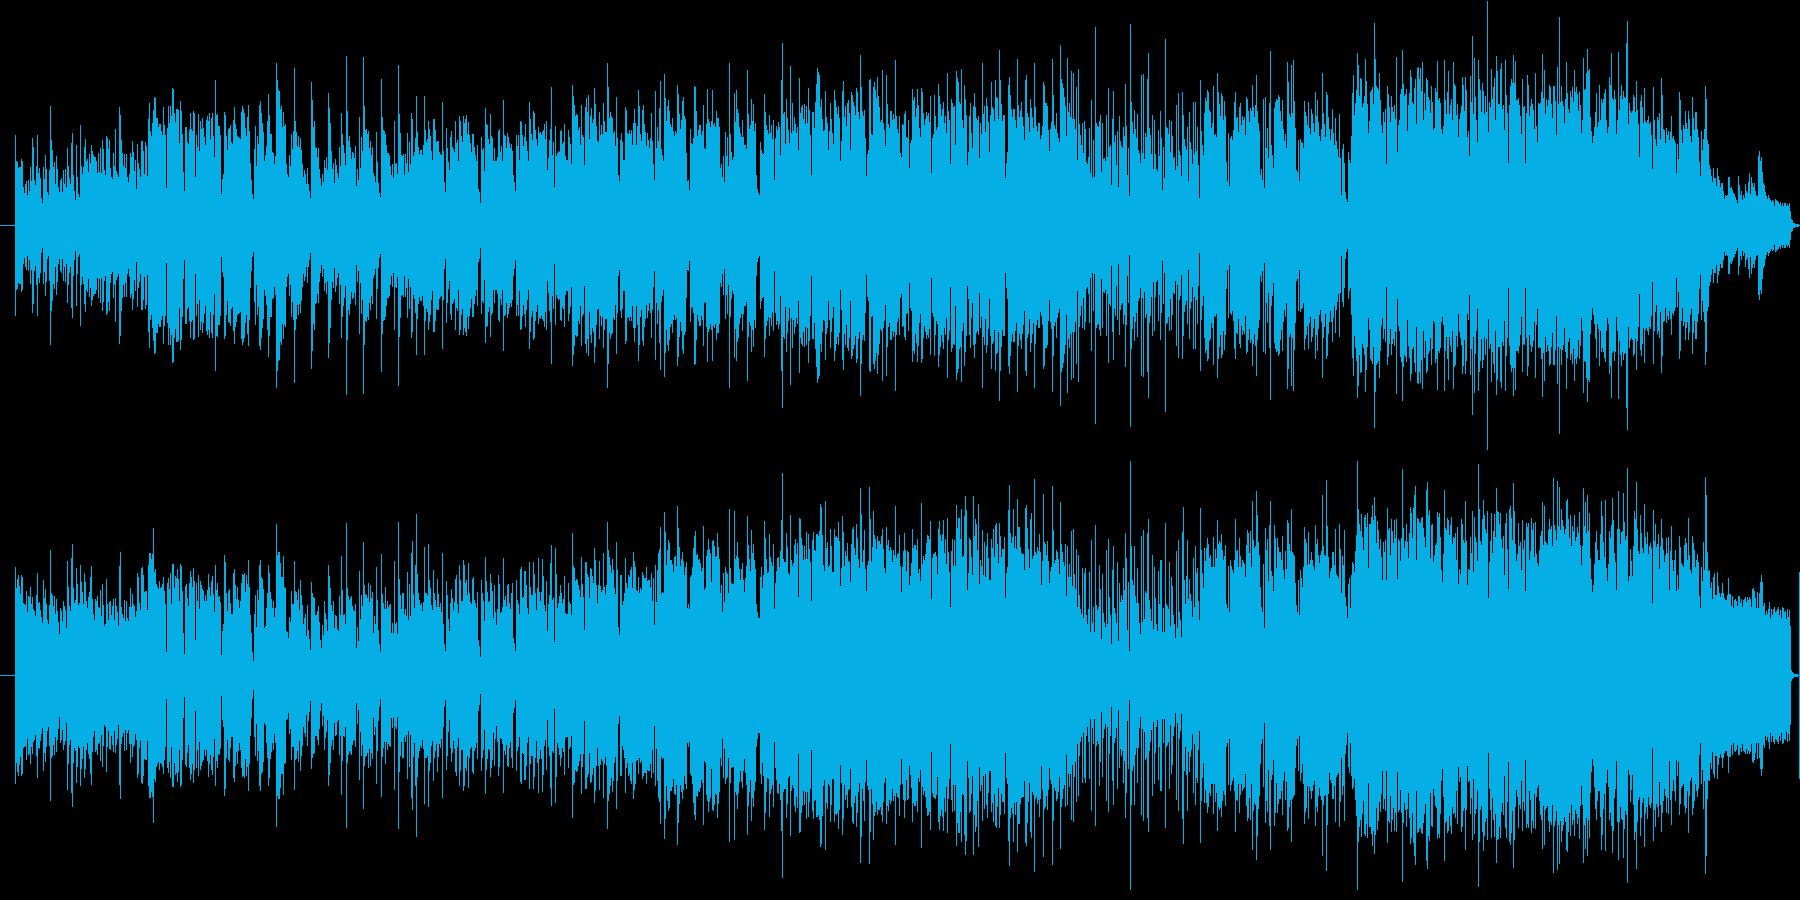 オーソドックスなバラードです。イメージ…の再生済みの波形